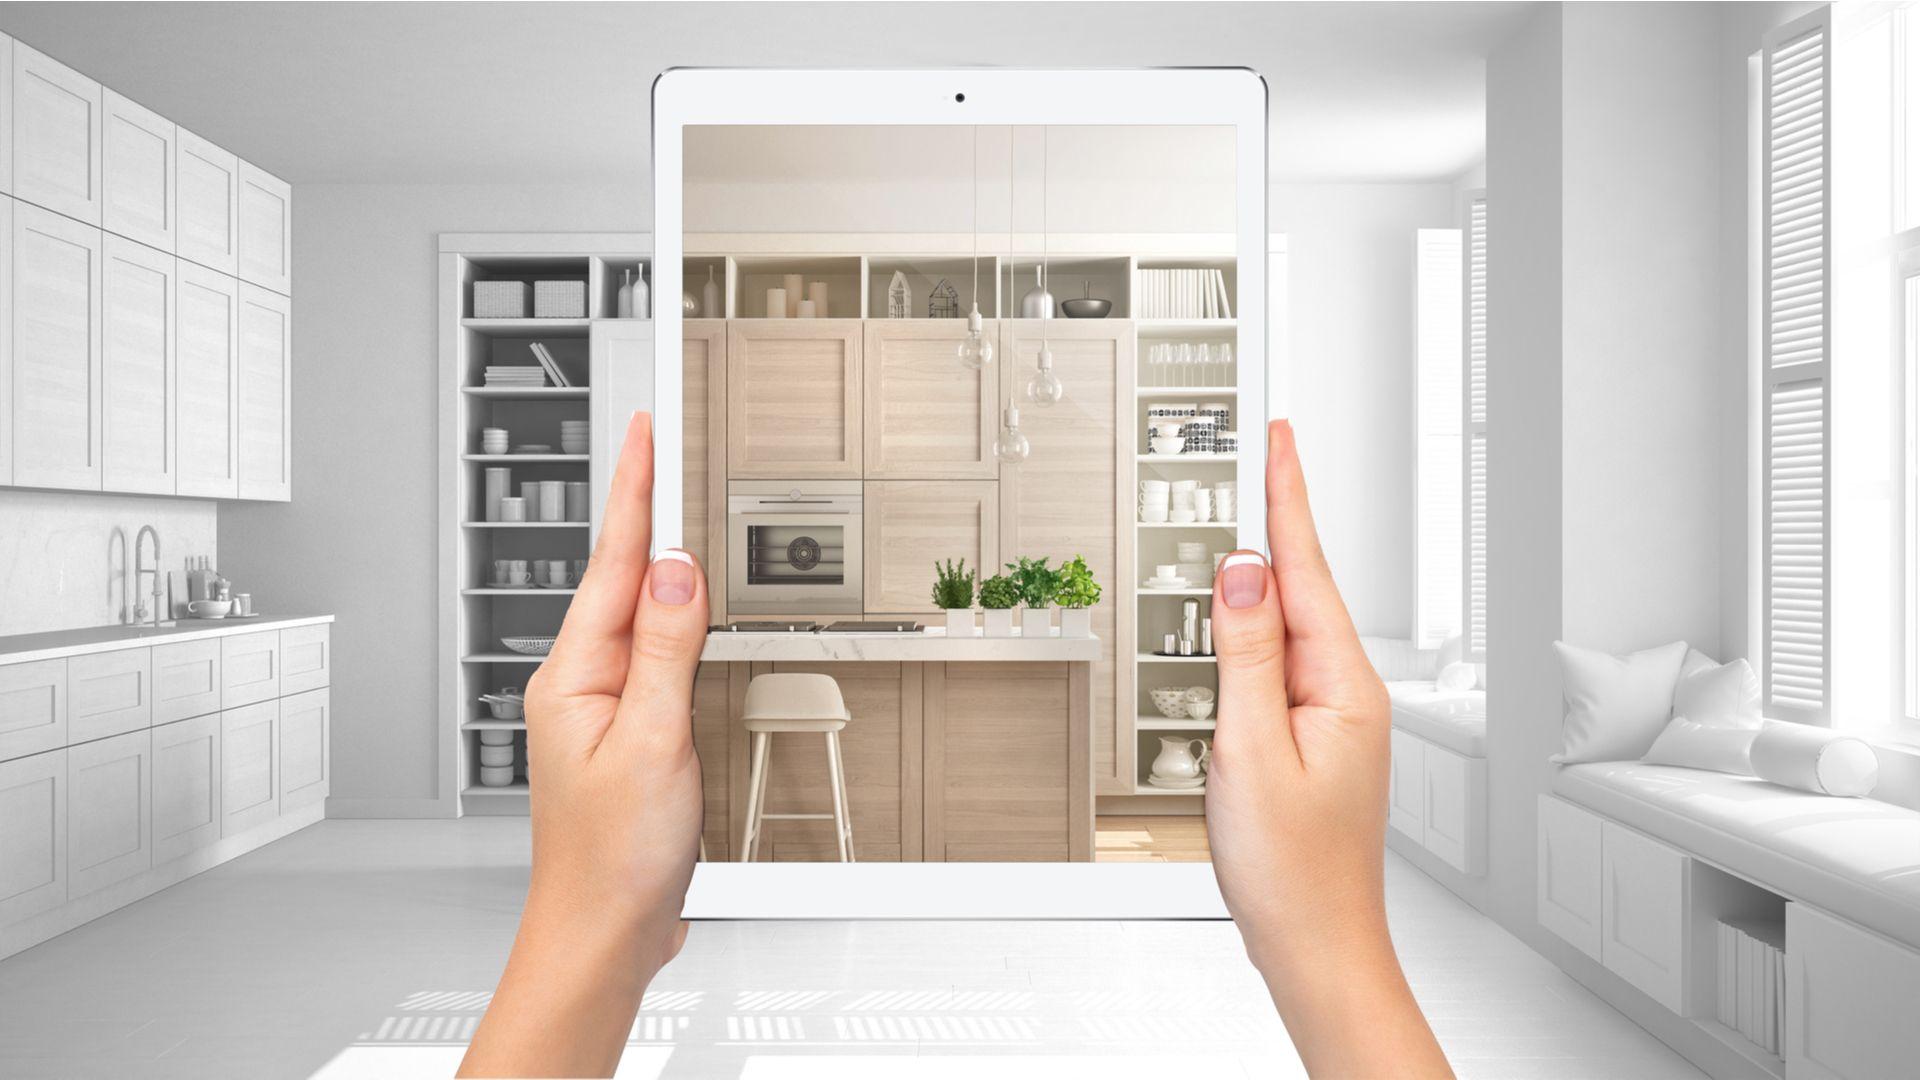 Dia da arquitetura: conheça cinco apps para montar projetos pelo celular ou tablet. (Imagem: Archi_Viz/Shutterstock)